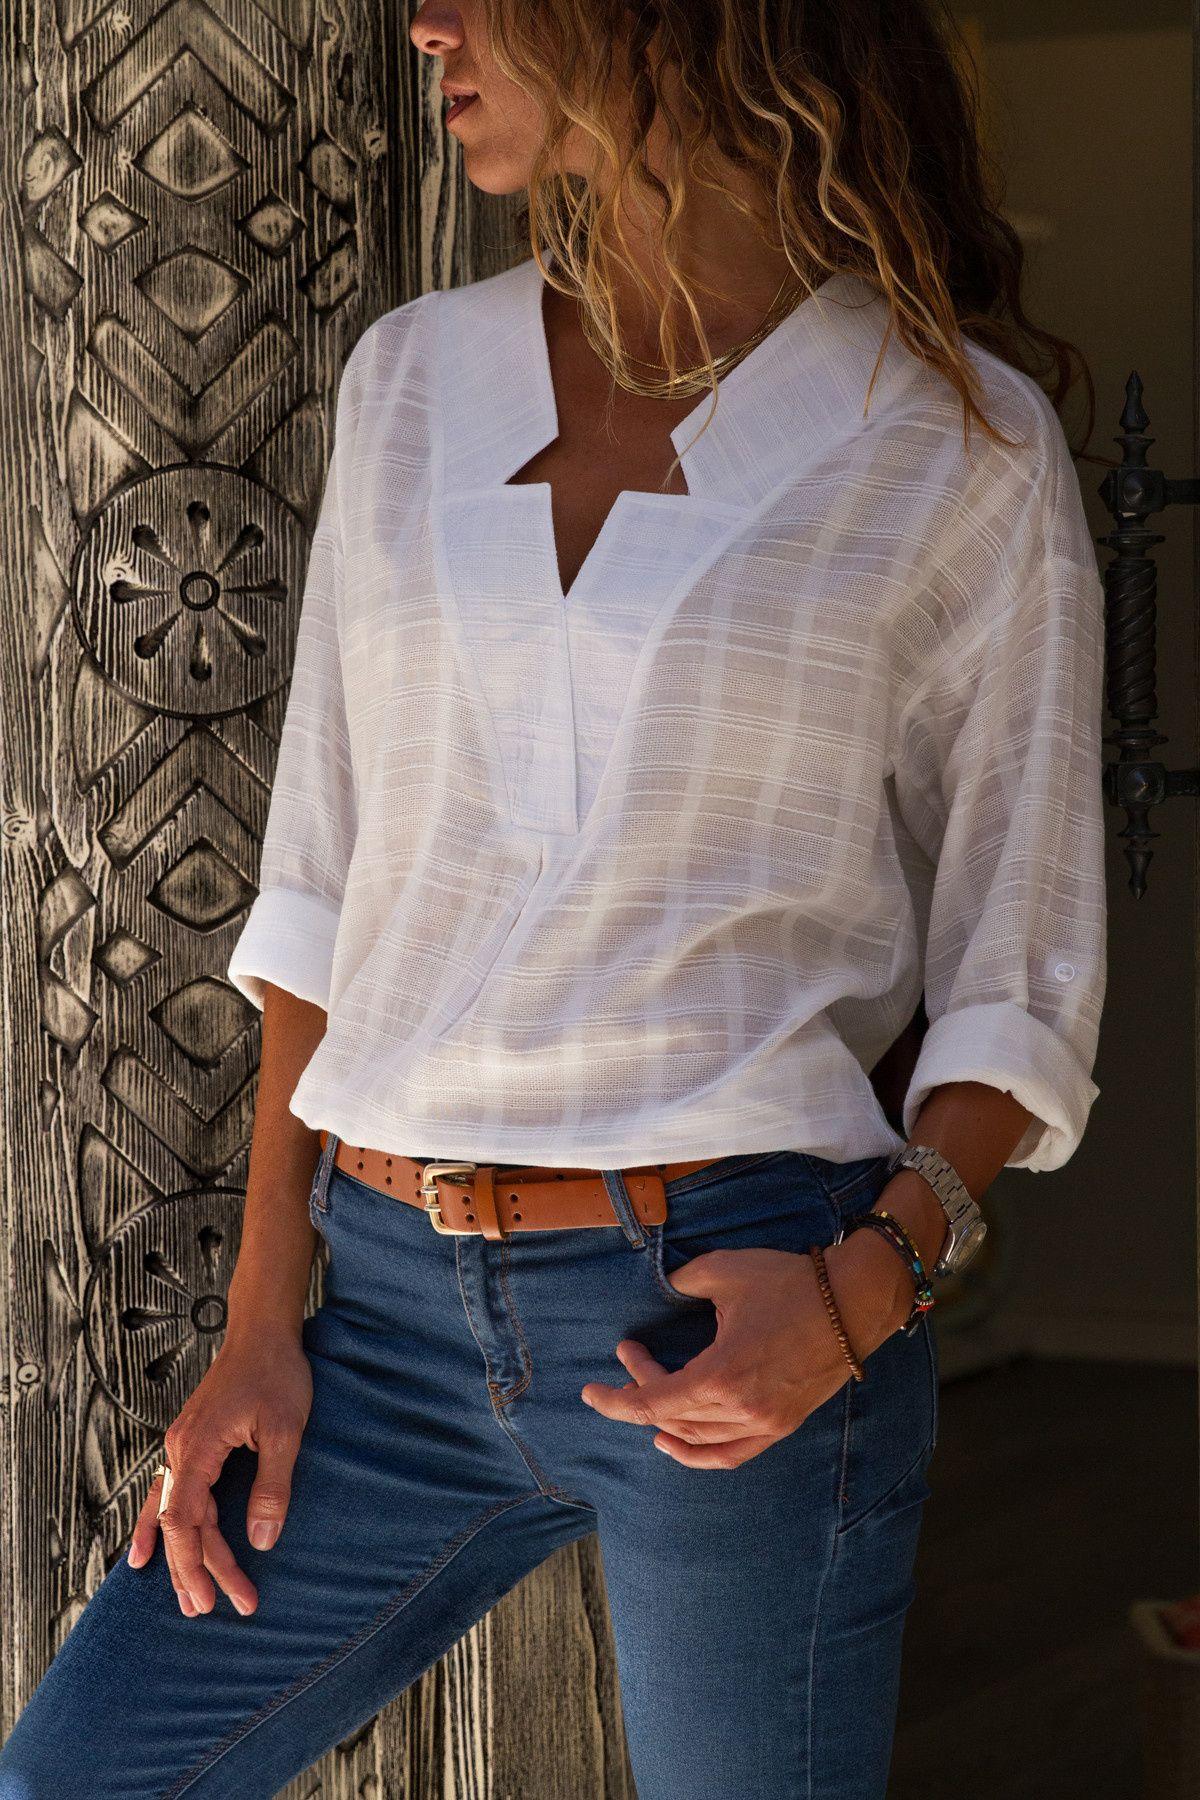 Kadin Ekru Yaka Detayli Bluz Trend Alacati Stili Trendyol Kadin Olmak Bluz Trendler